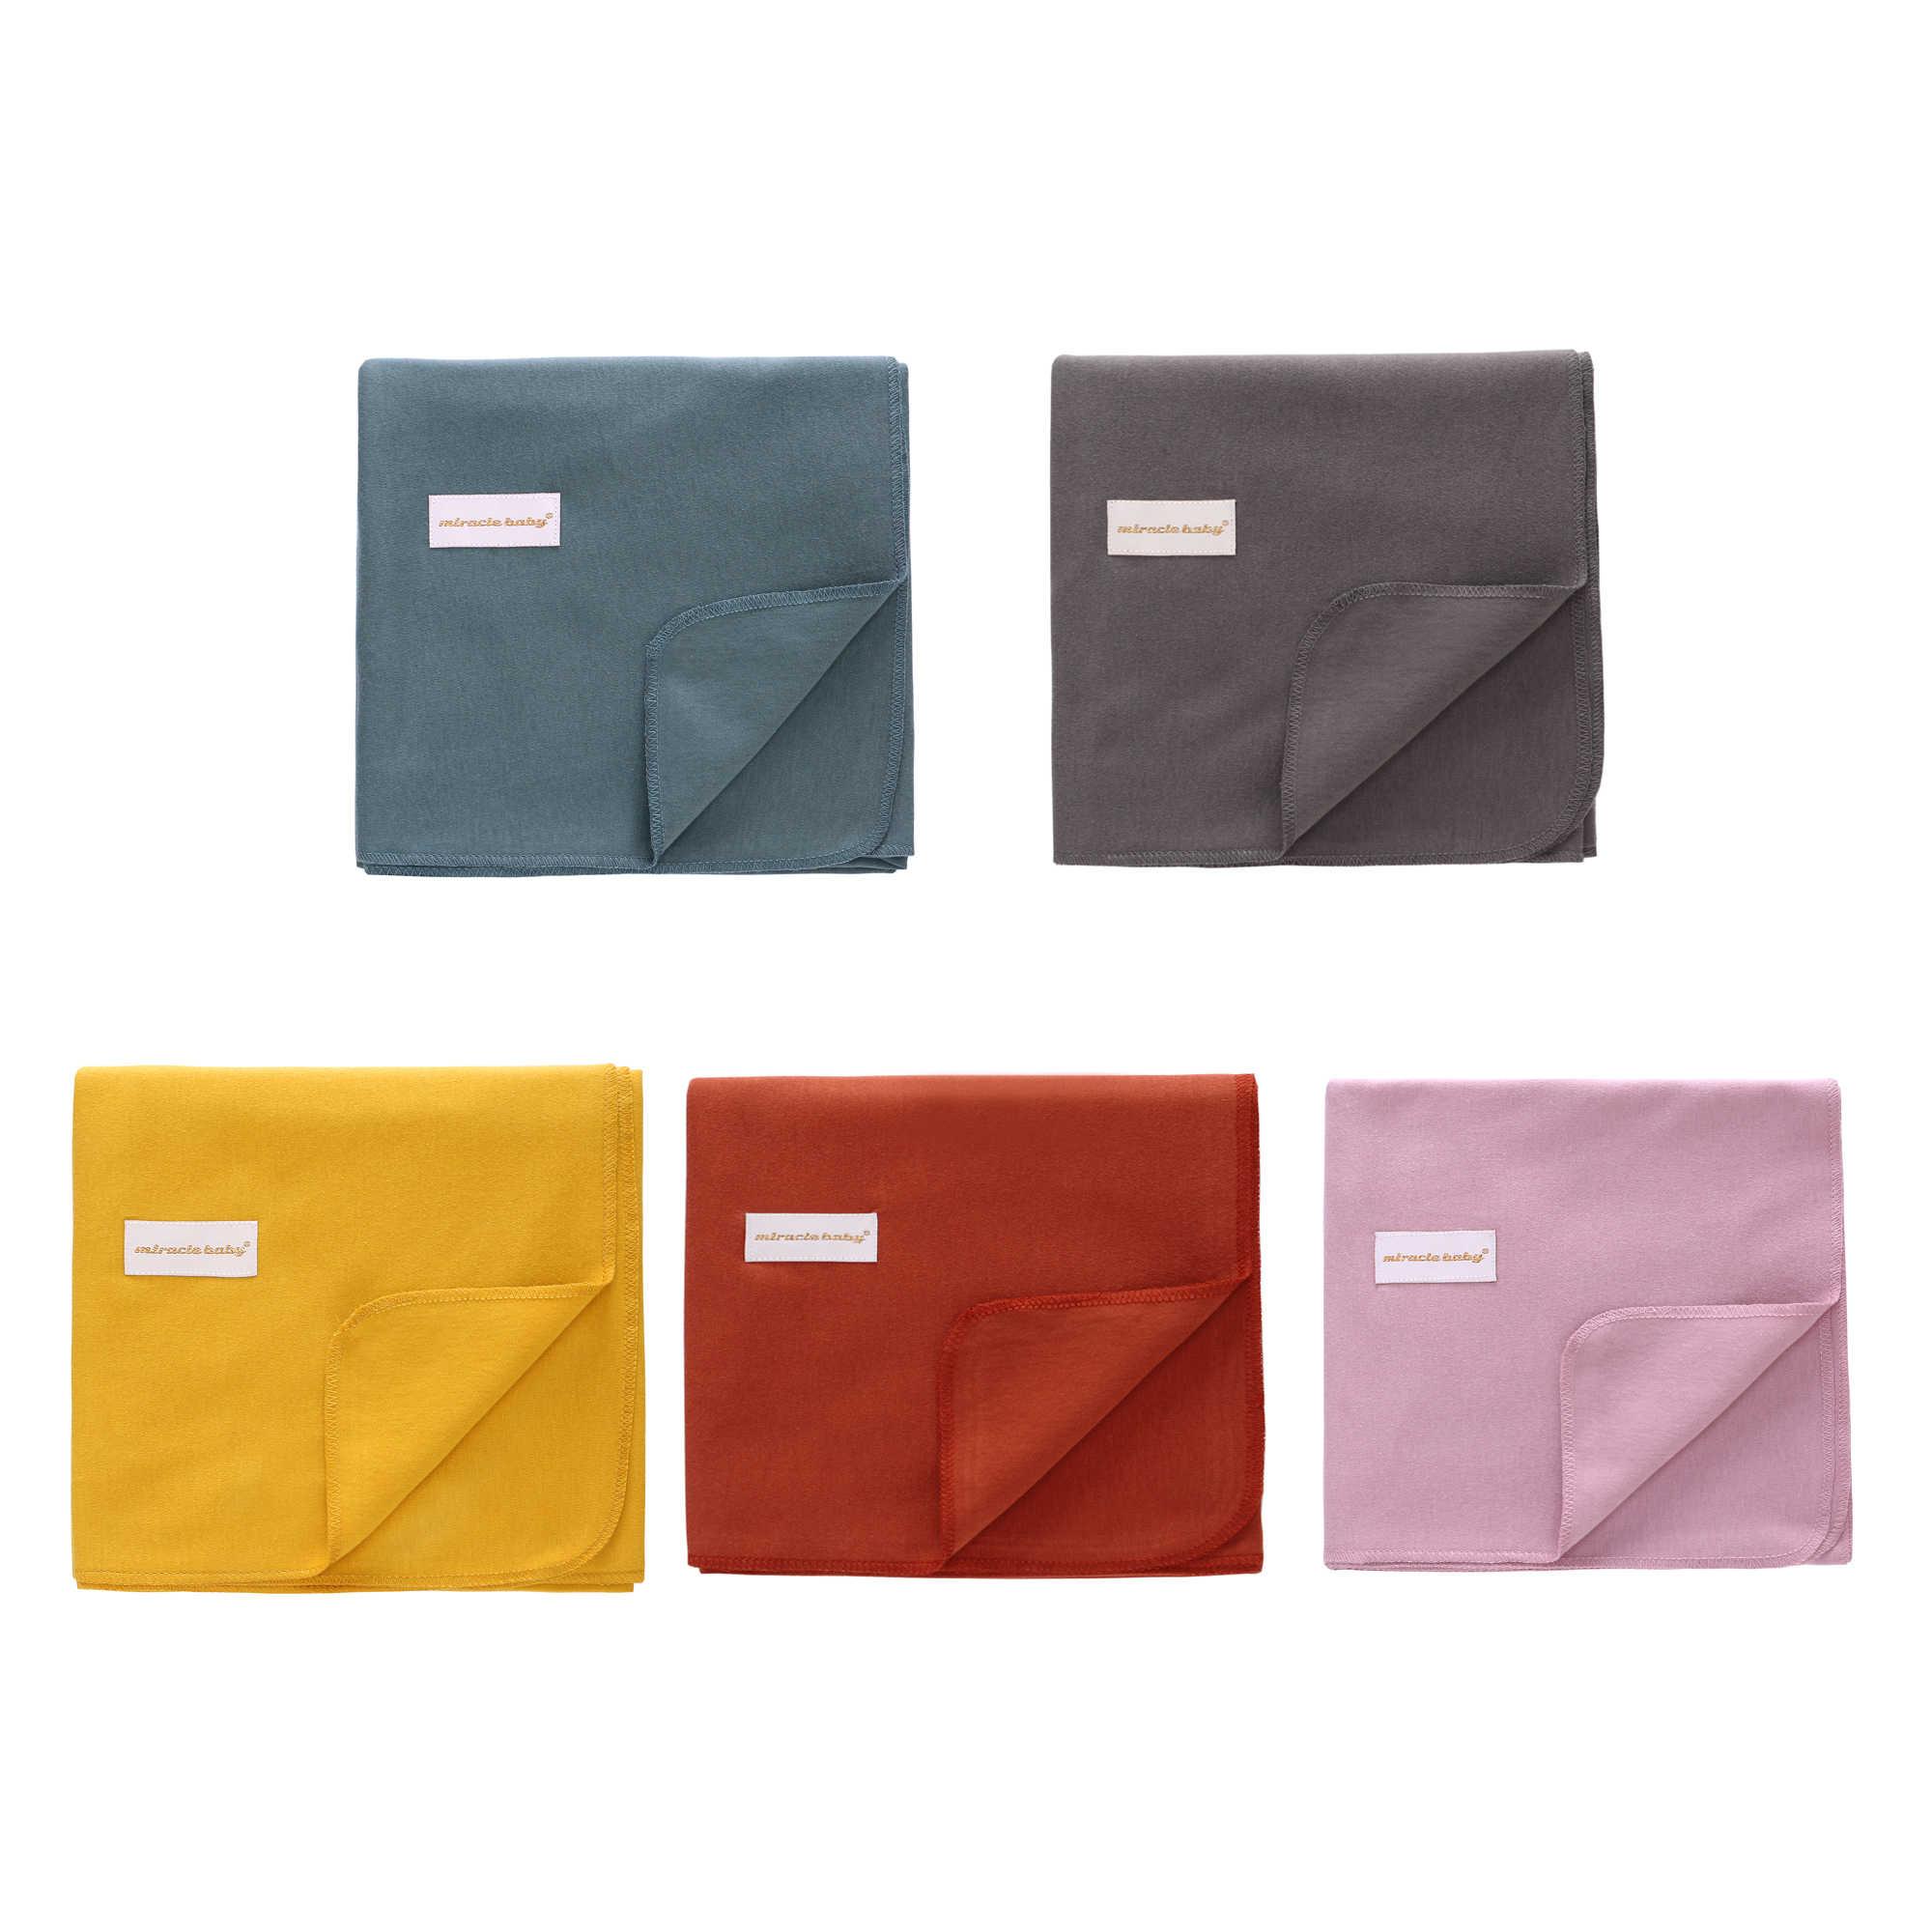 2 peças um conjunto de algodão bebê swaddle cobertor + chapéu recém-nascido recebendo cobertor novo outono bebê saco de dormir toalha banho tamanho 90*90cm